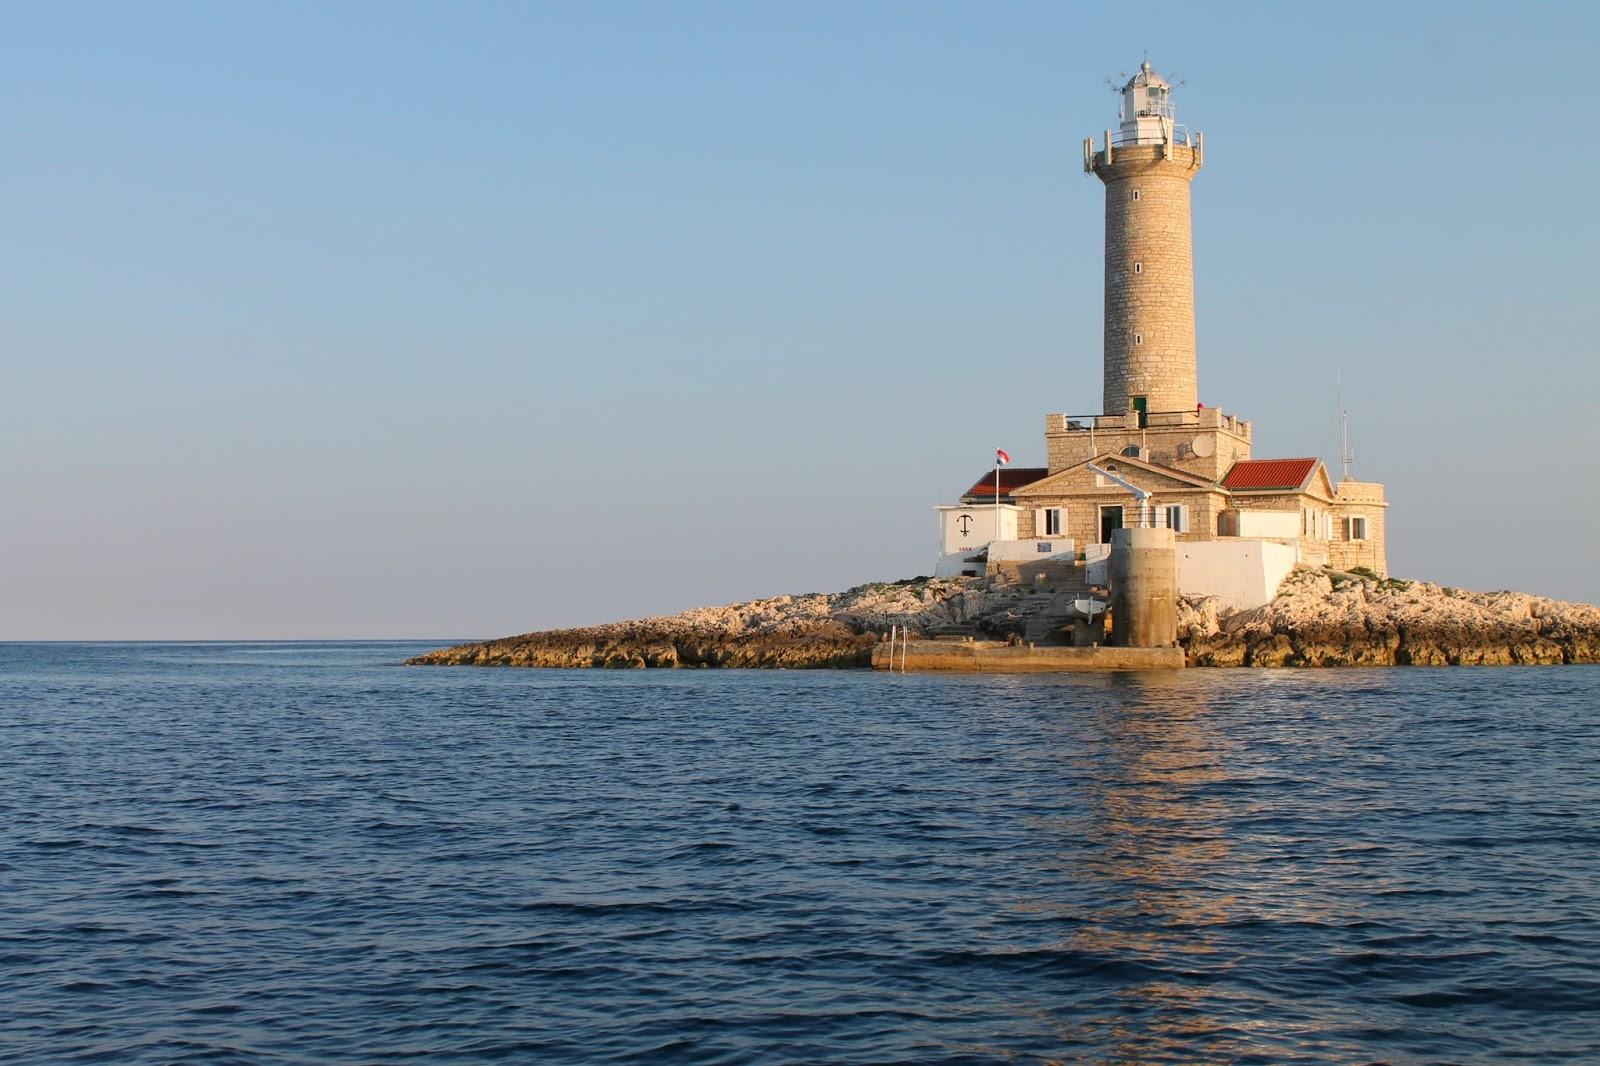 Pensieri in Viaggio: Dormire in un faro sul mare: un sogno che ...